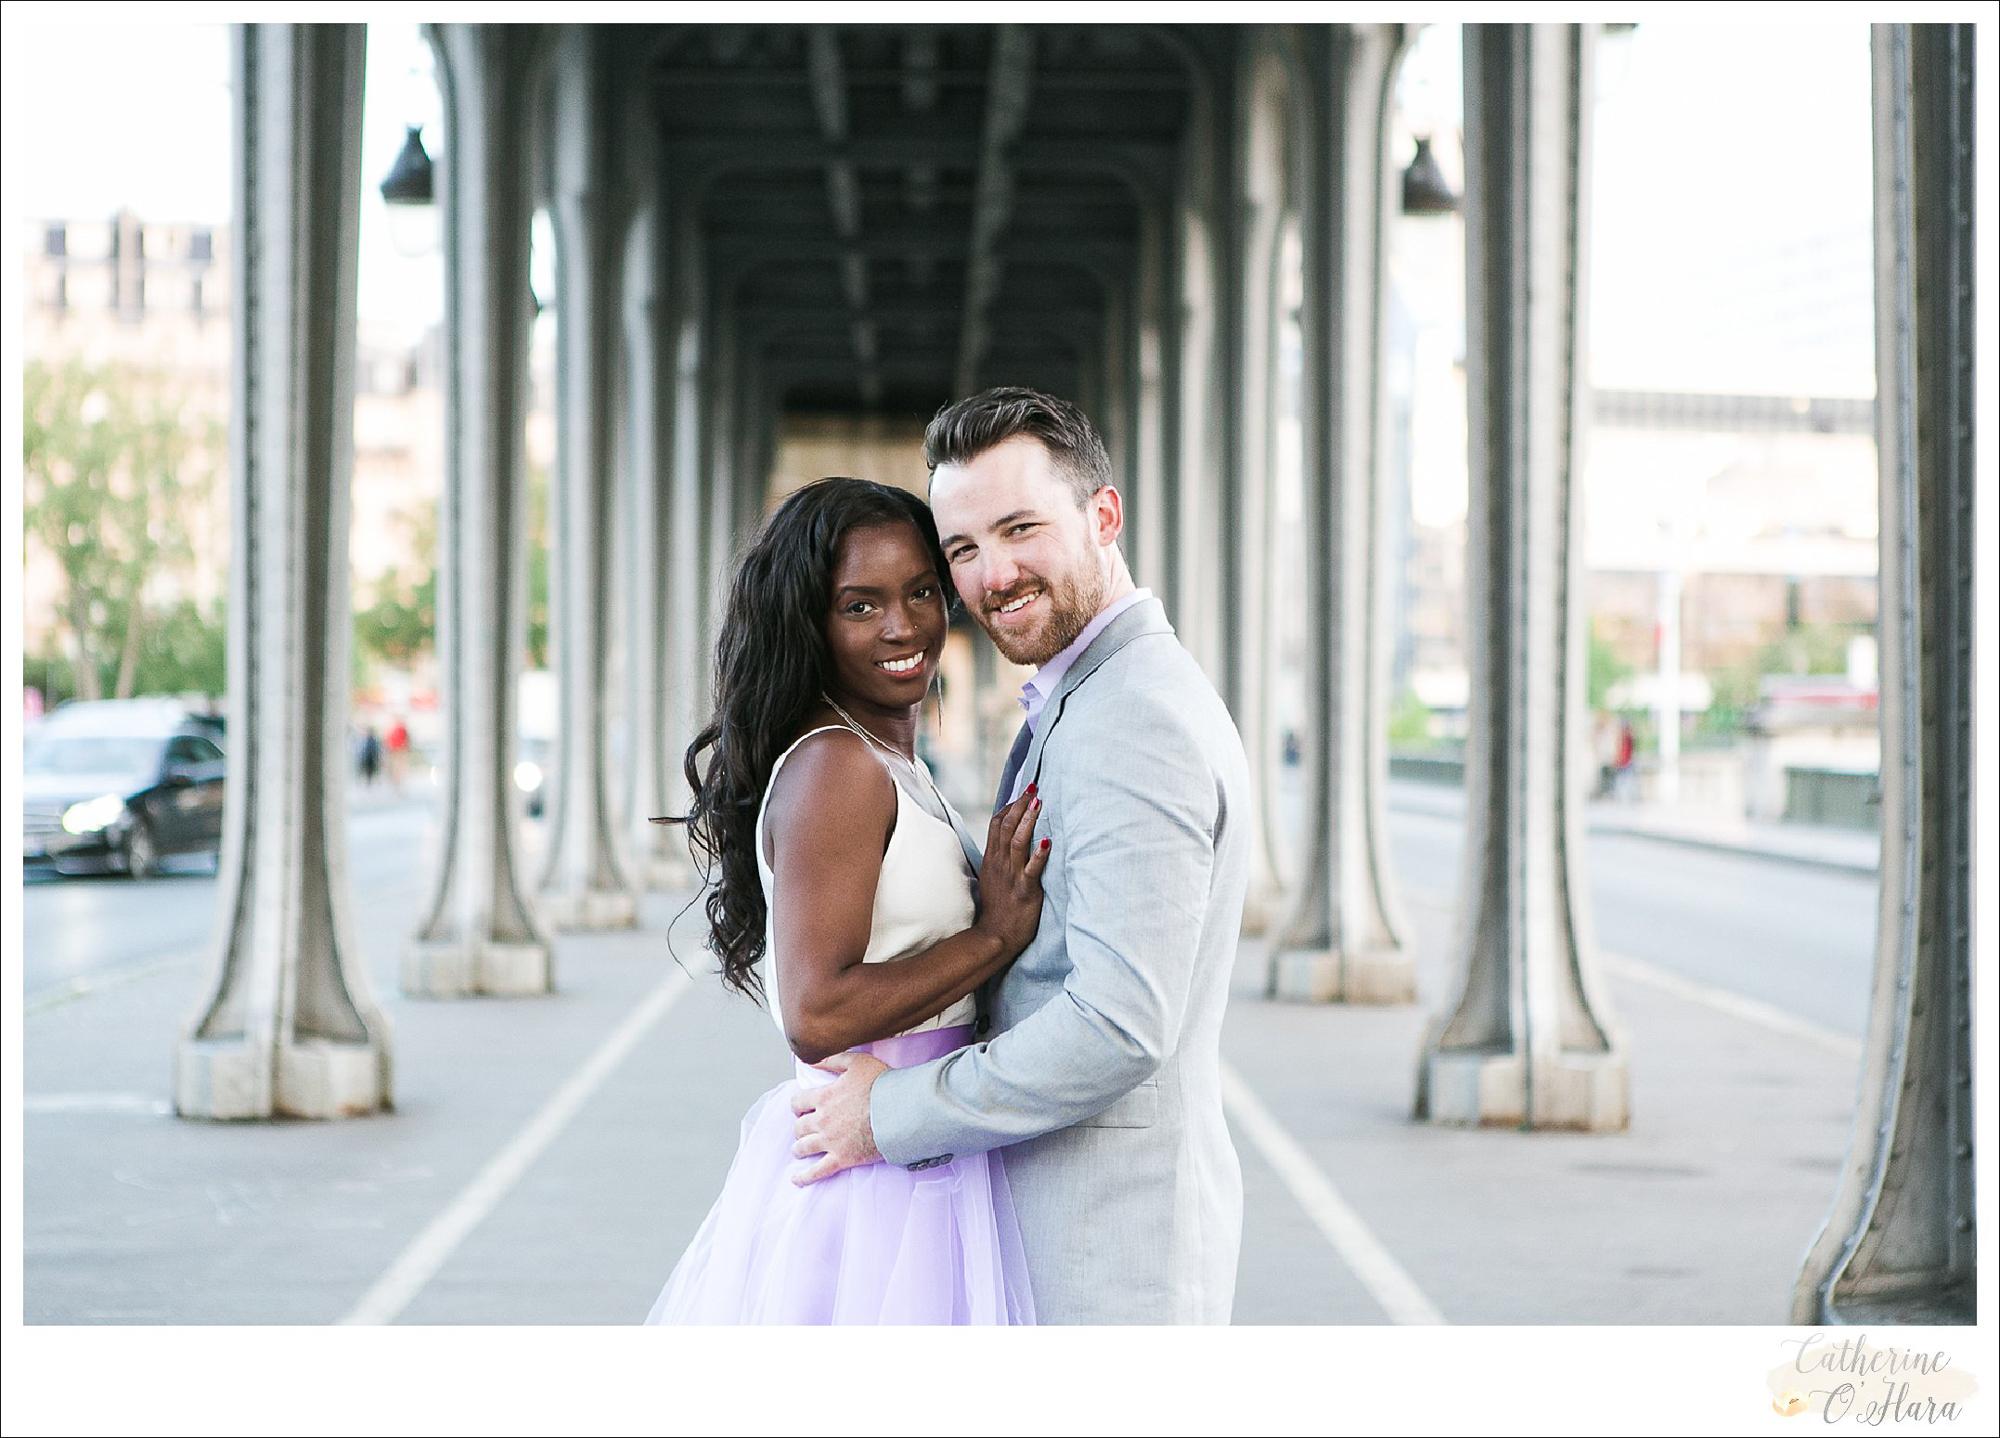 surprise proposal engagement photographer paris france-20.jpg